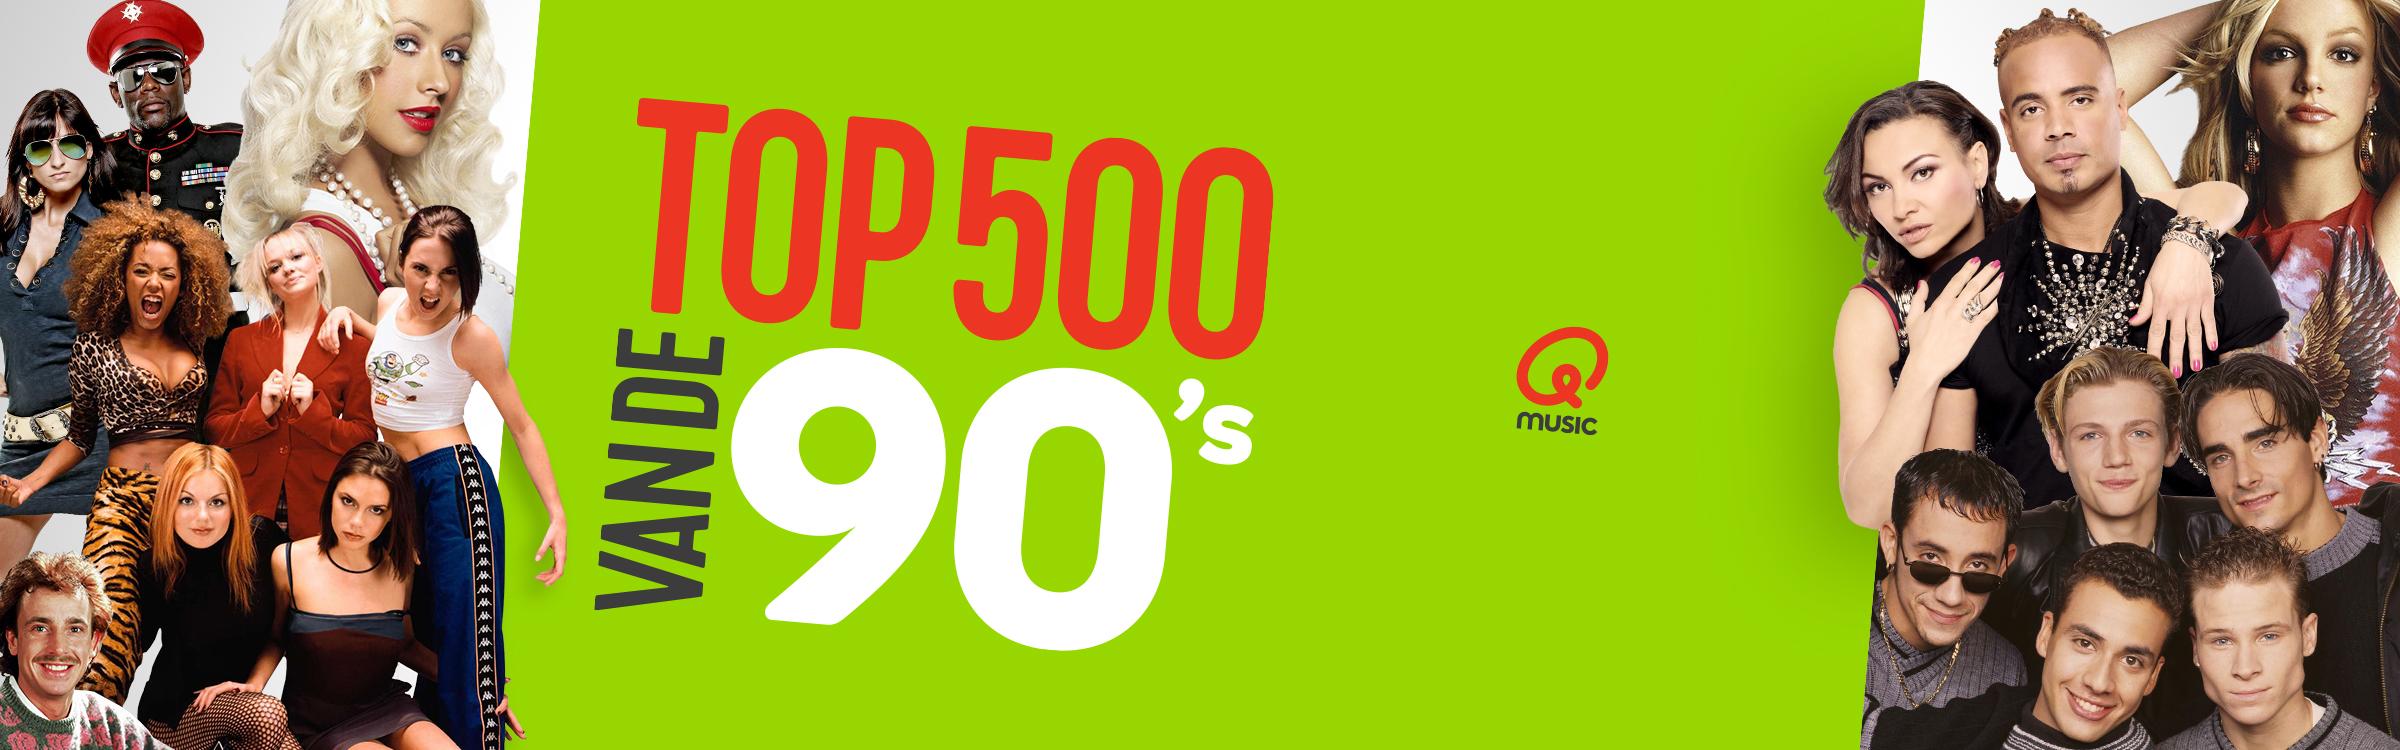 Qmusic actionheader top500 90s de lijst